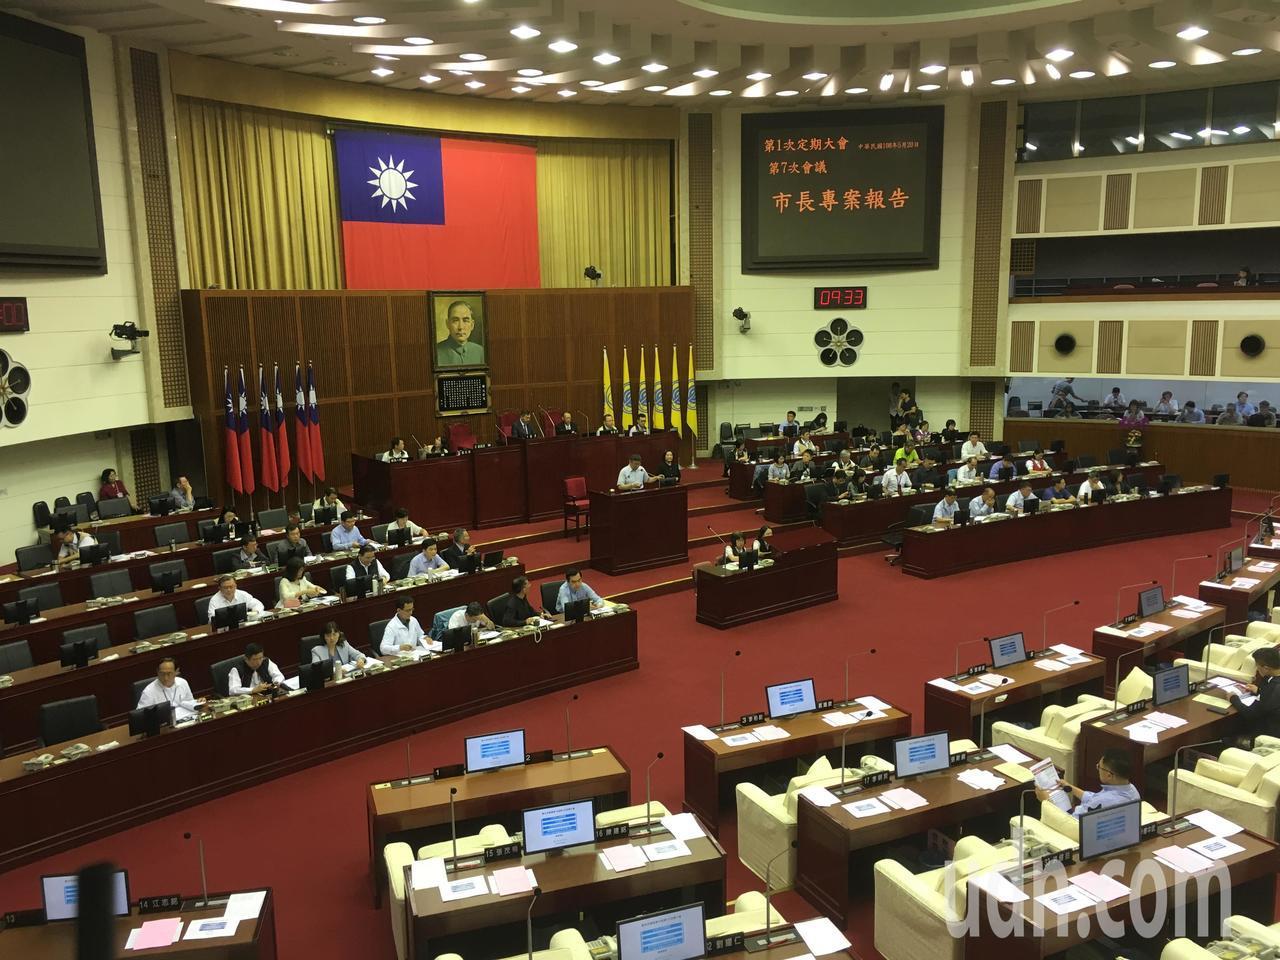 台北市長柯文哲今天赴議會專案報告。記者張世杰/攝影